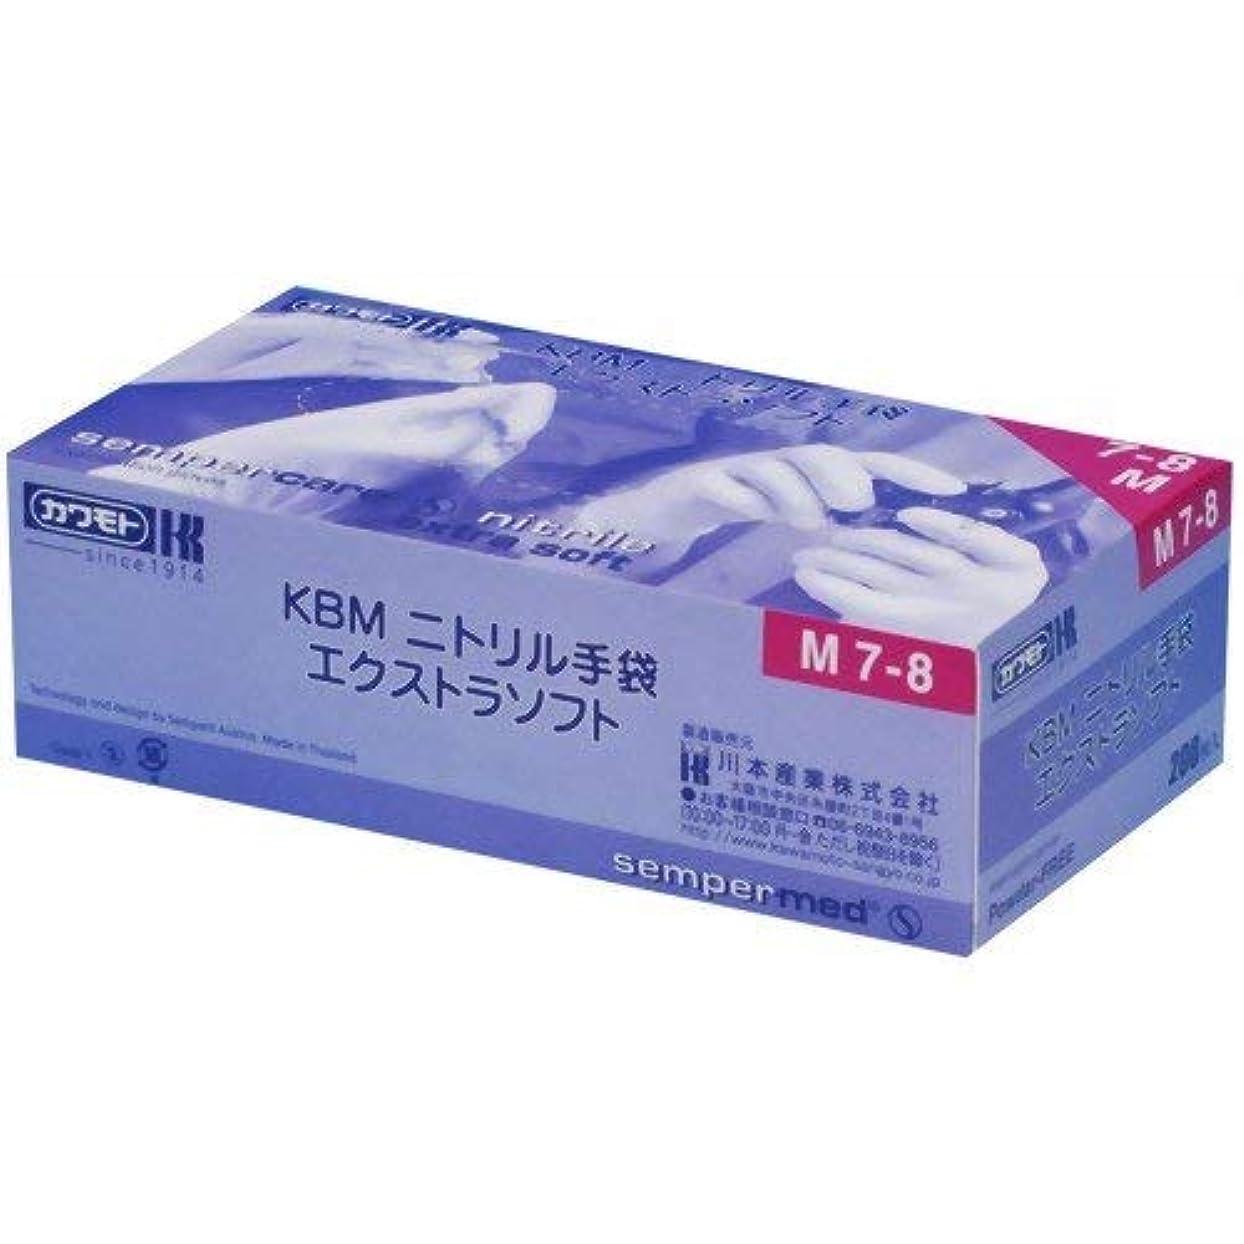 フェザー孤児ファンシー川本産業 KBMニトリル手袋 エクストラソフト S 200枚入 × 48個セット